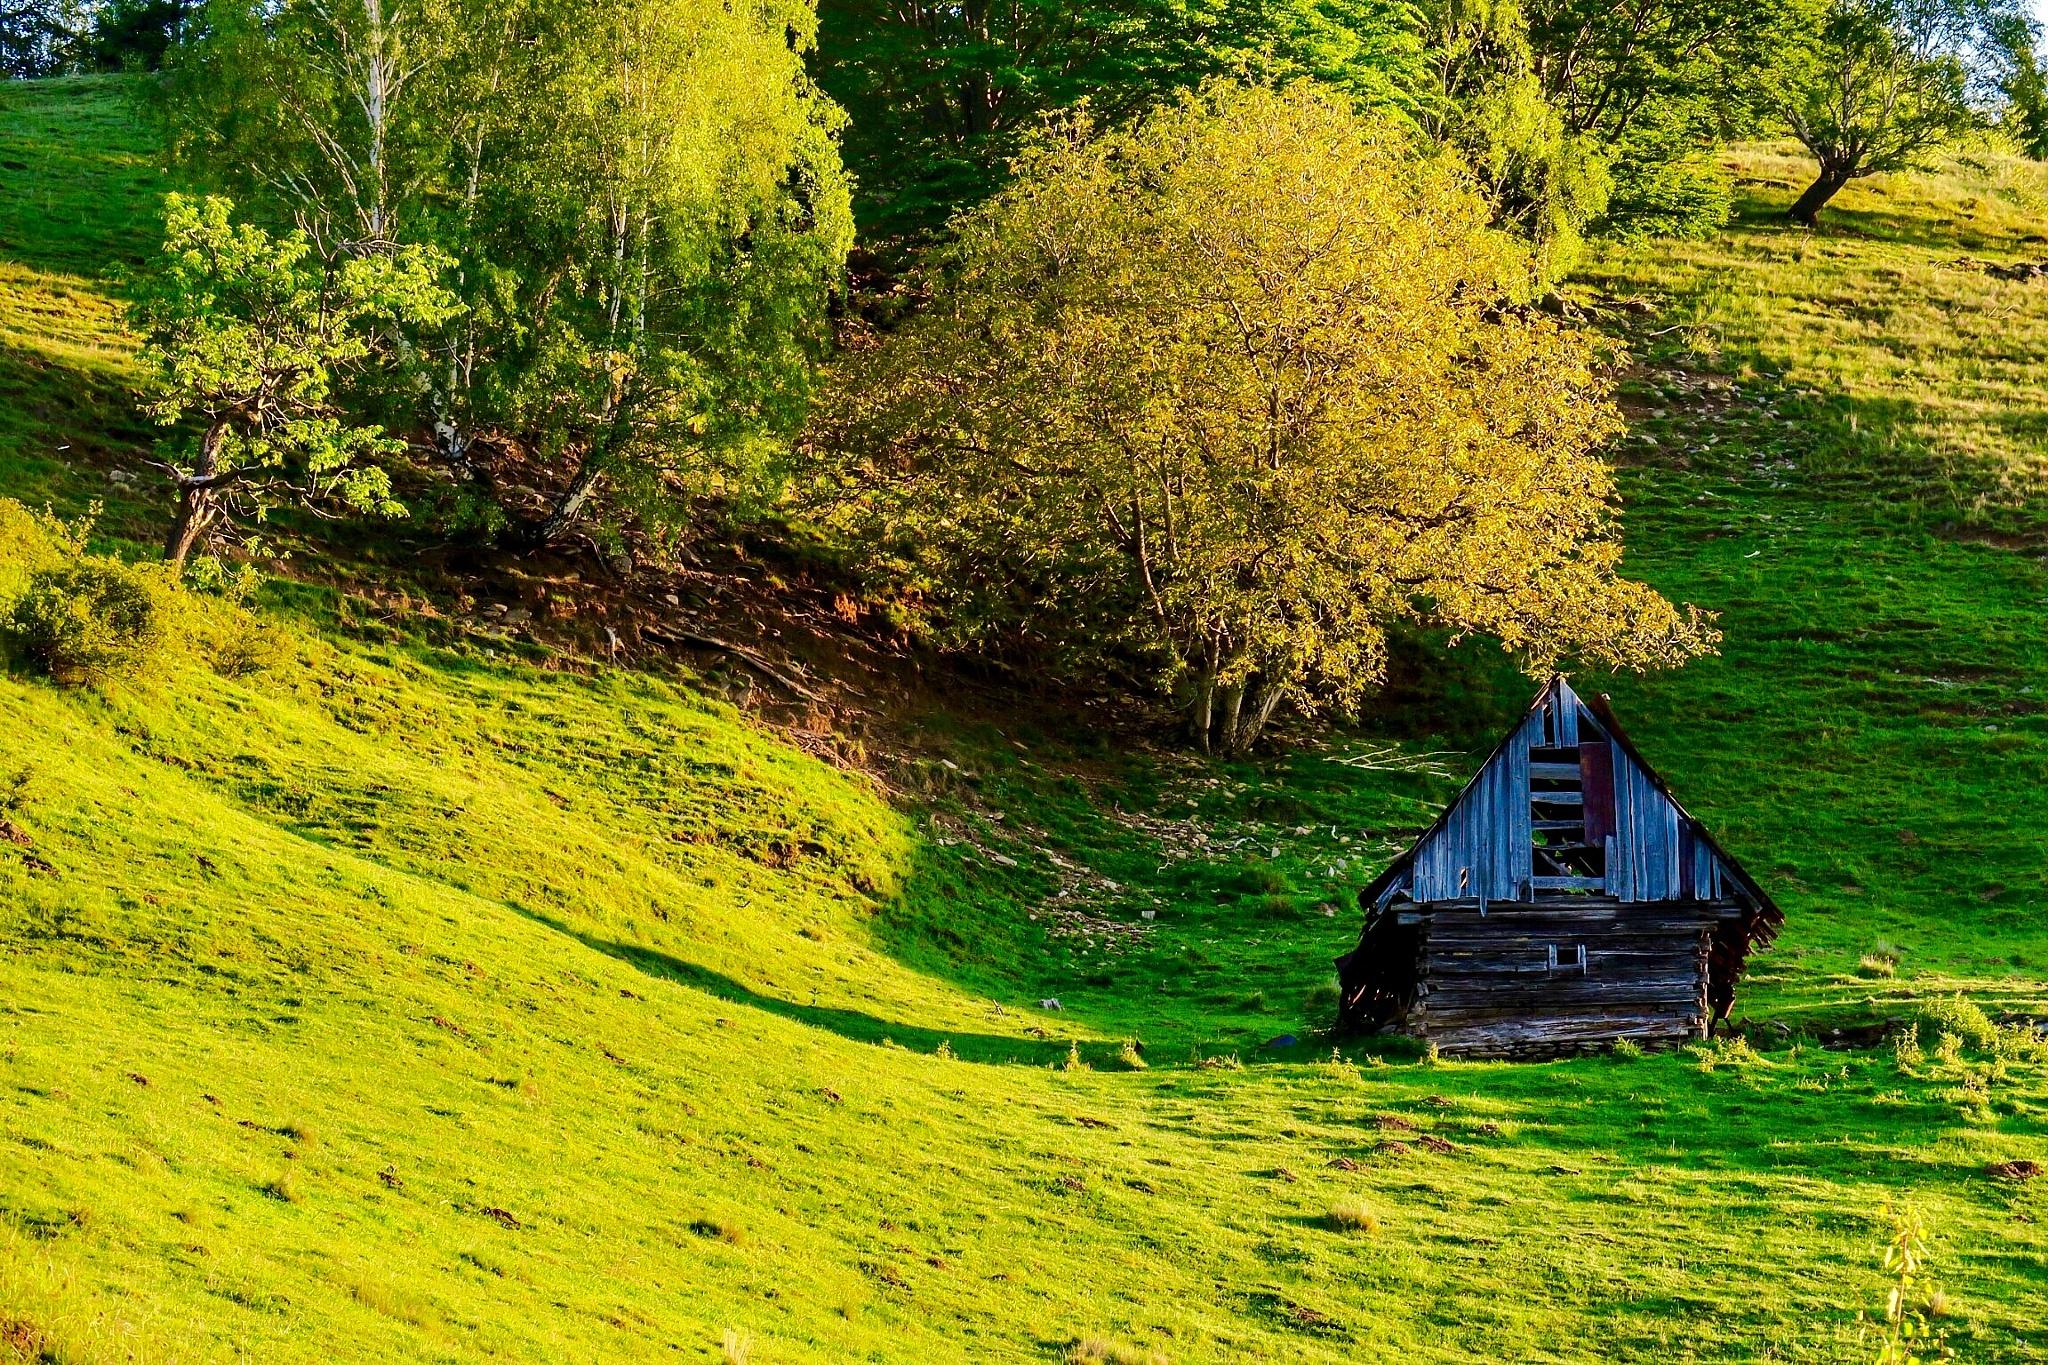 Morning in green and yellow  by Adi Gli